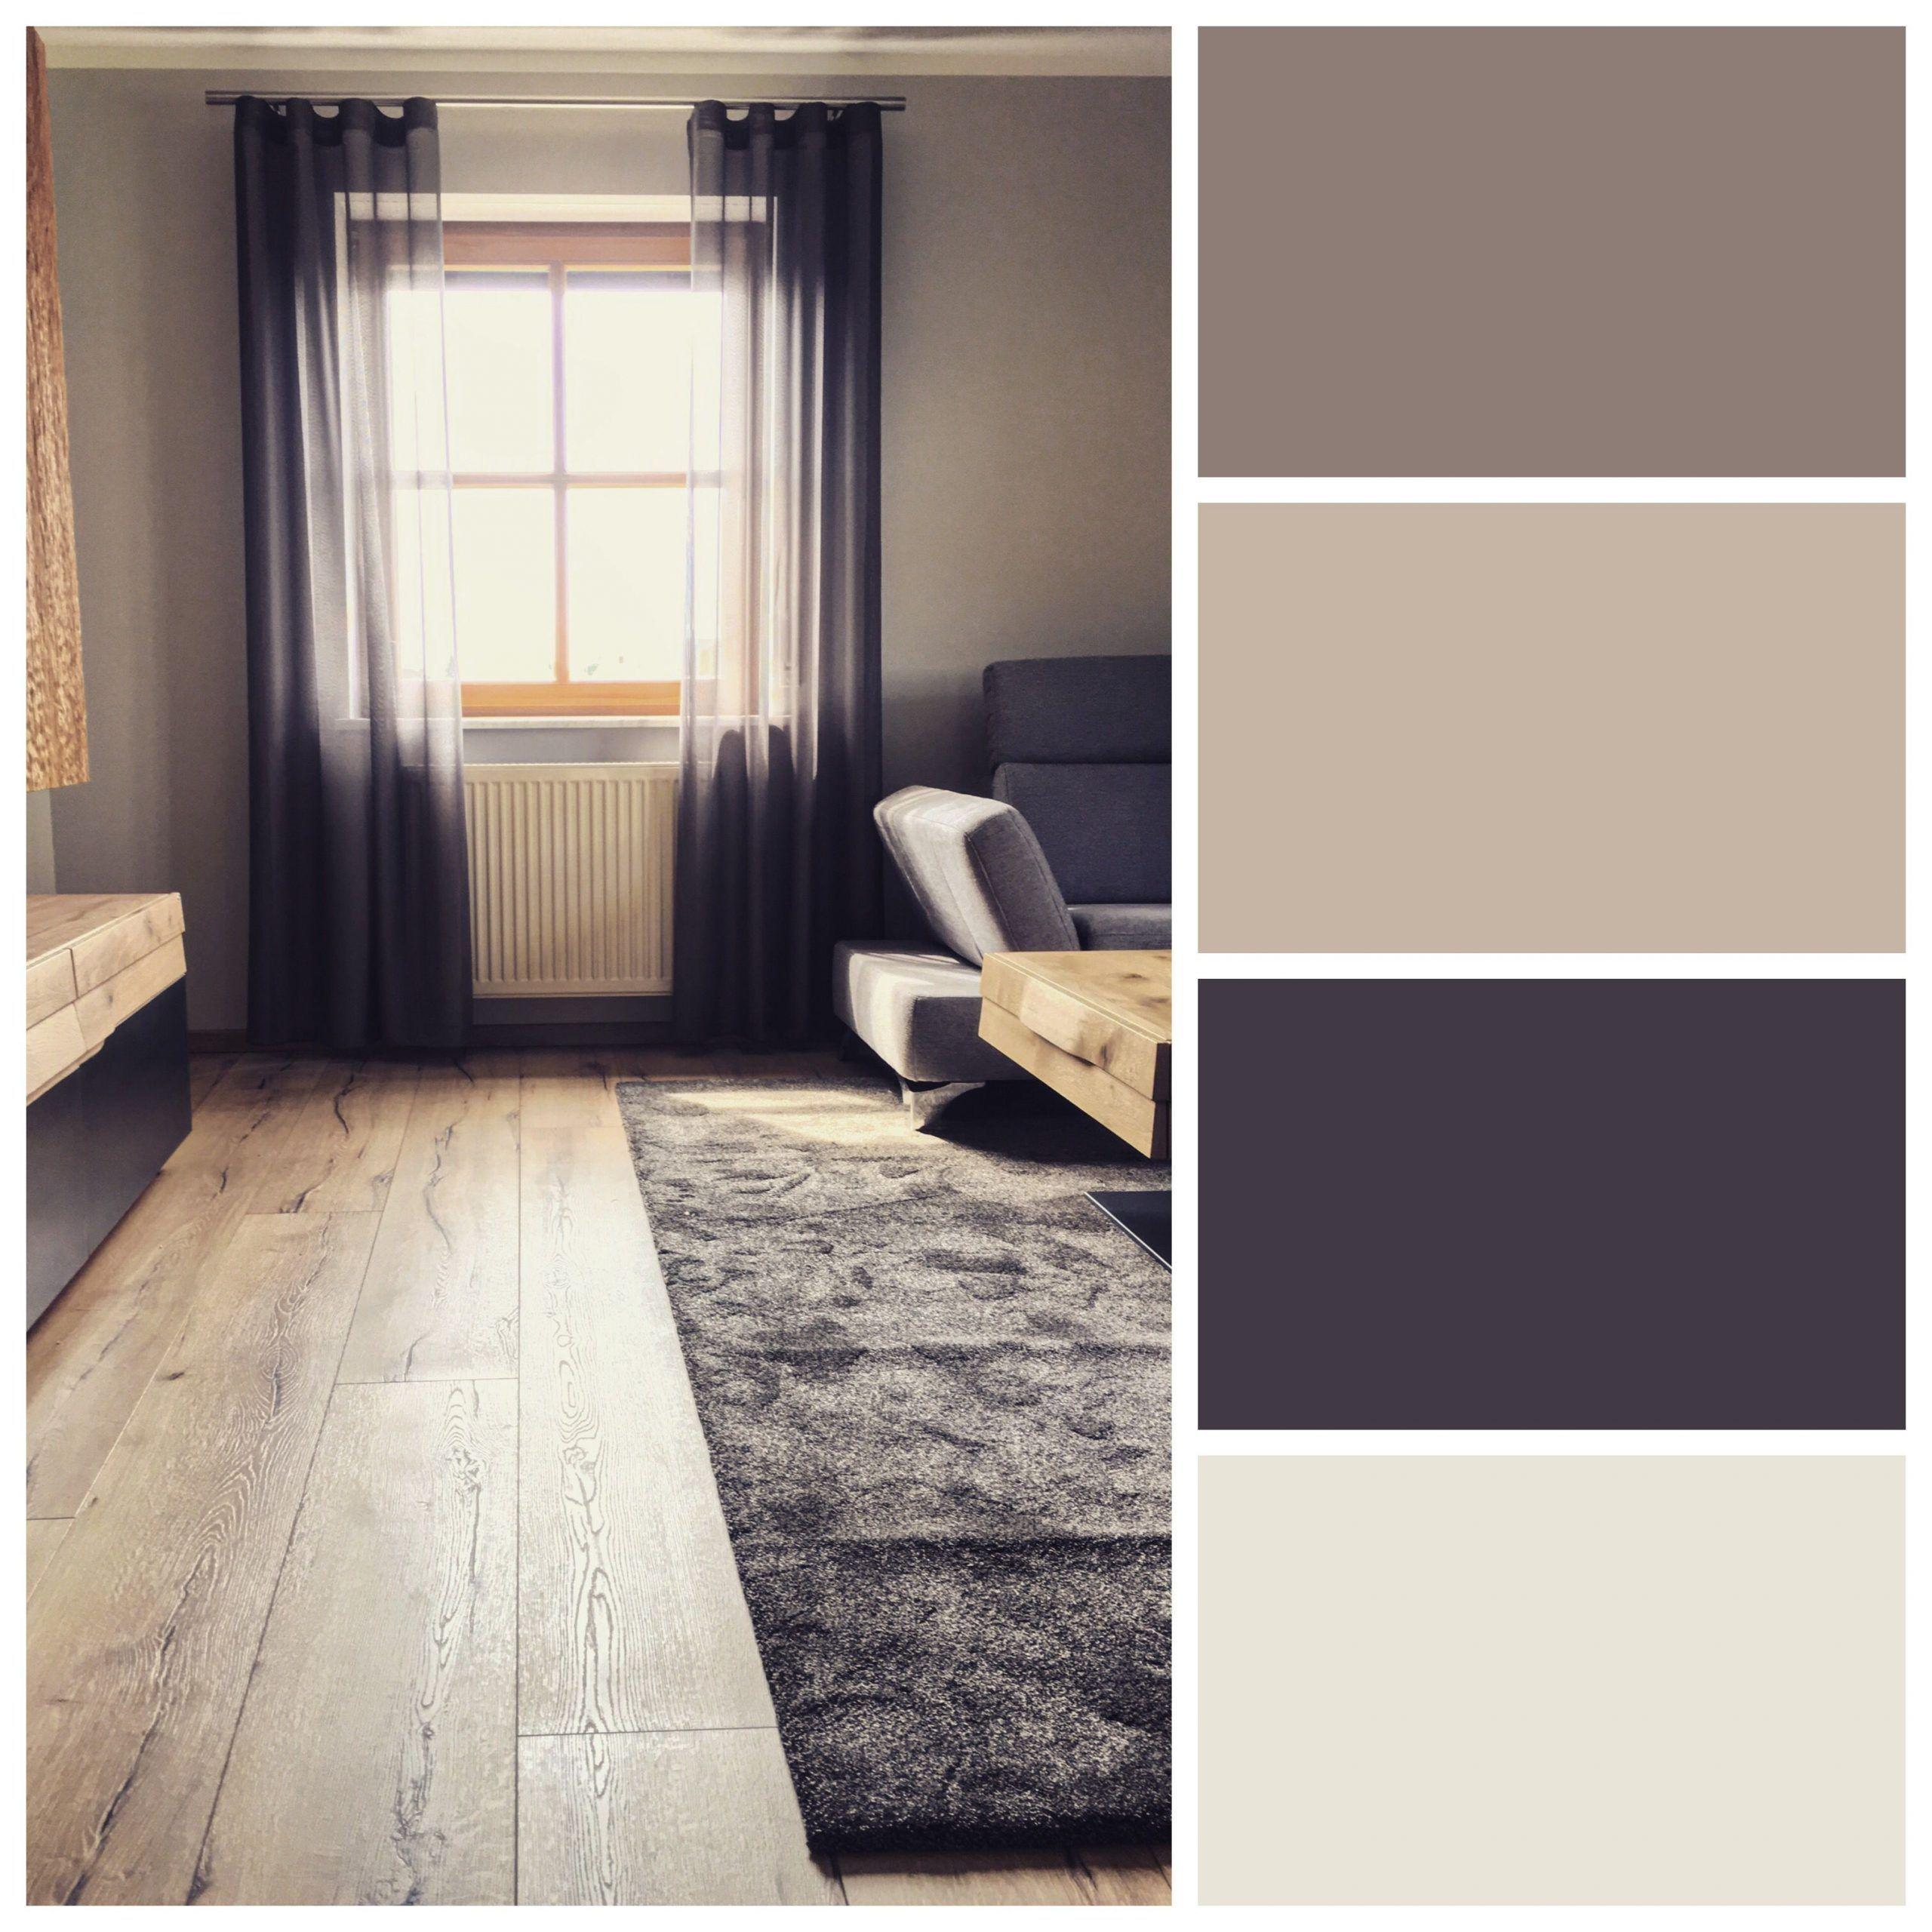 Moderne Farben Im Wohnzimmer Superhairmodels Com Dekor In 2020 Wohnzimmer Modern Farbgestaltung Wohnzimmer Wohnzimmer Tapeten Ideen